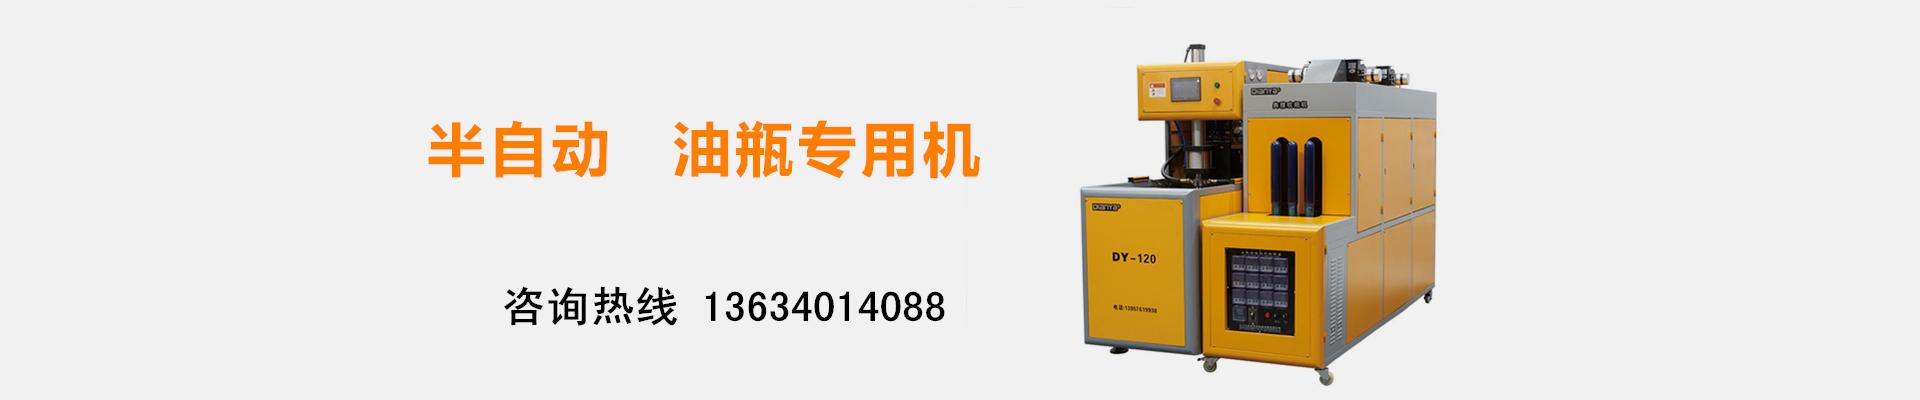 台州市典雅智能设备有限公司